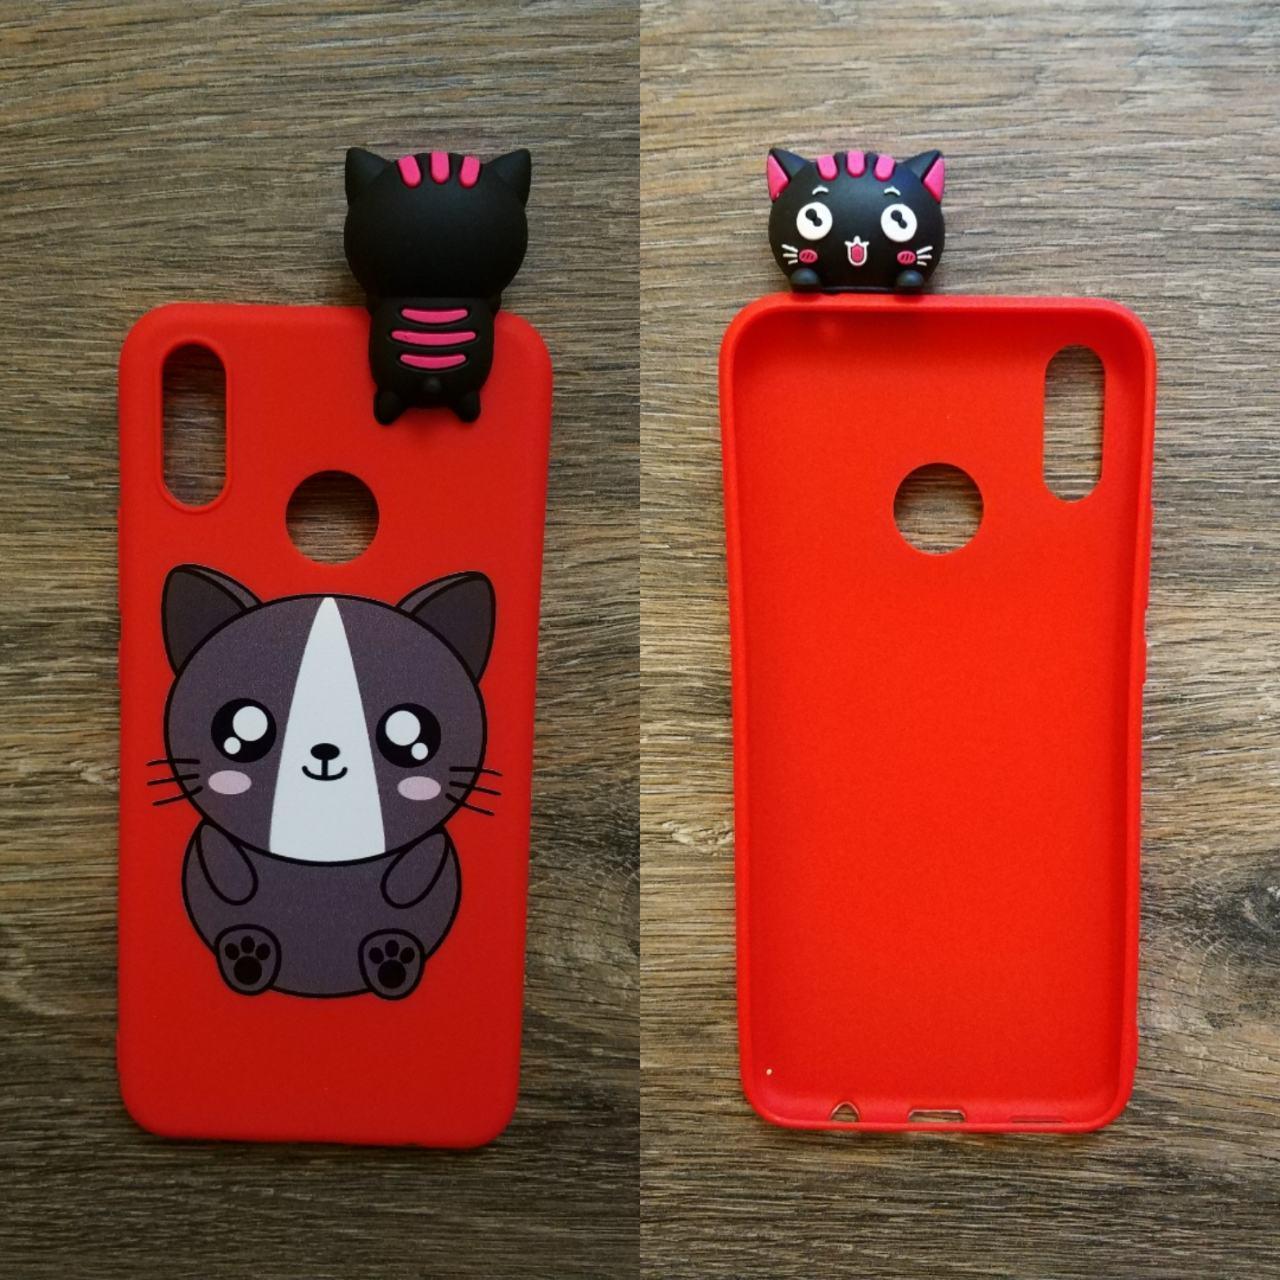 9b339a0eee37 Чехол 3d игрушка для Huawei P Smart 2019 Пони Единорог - купить по ...